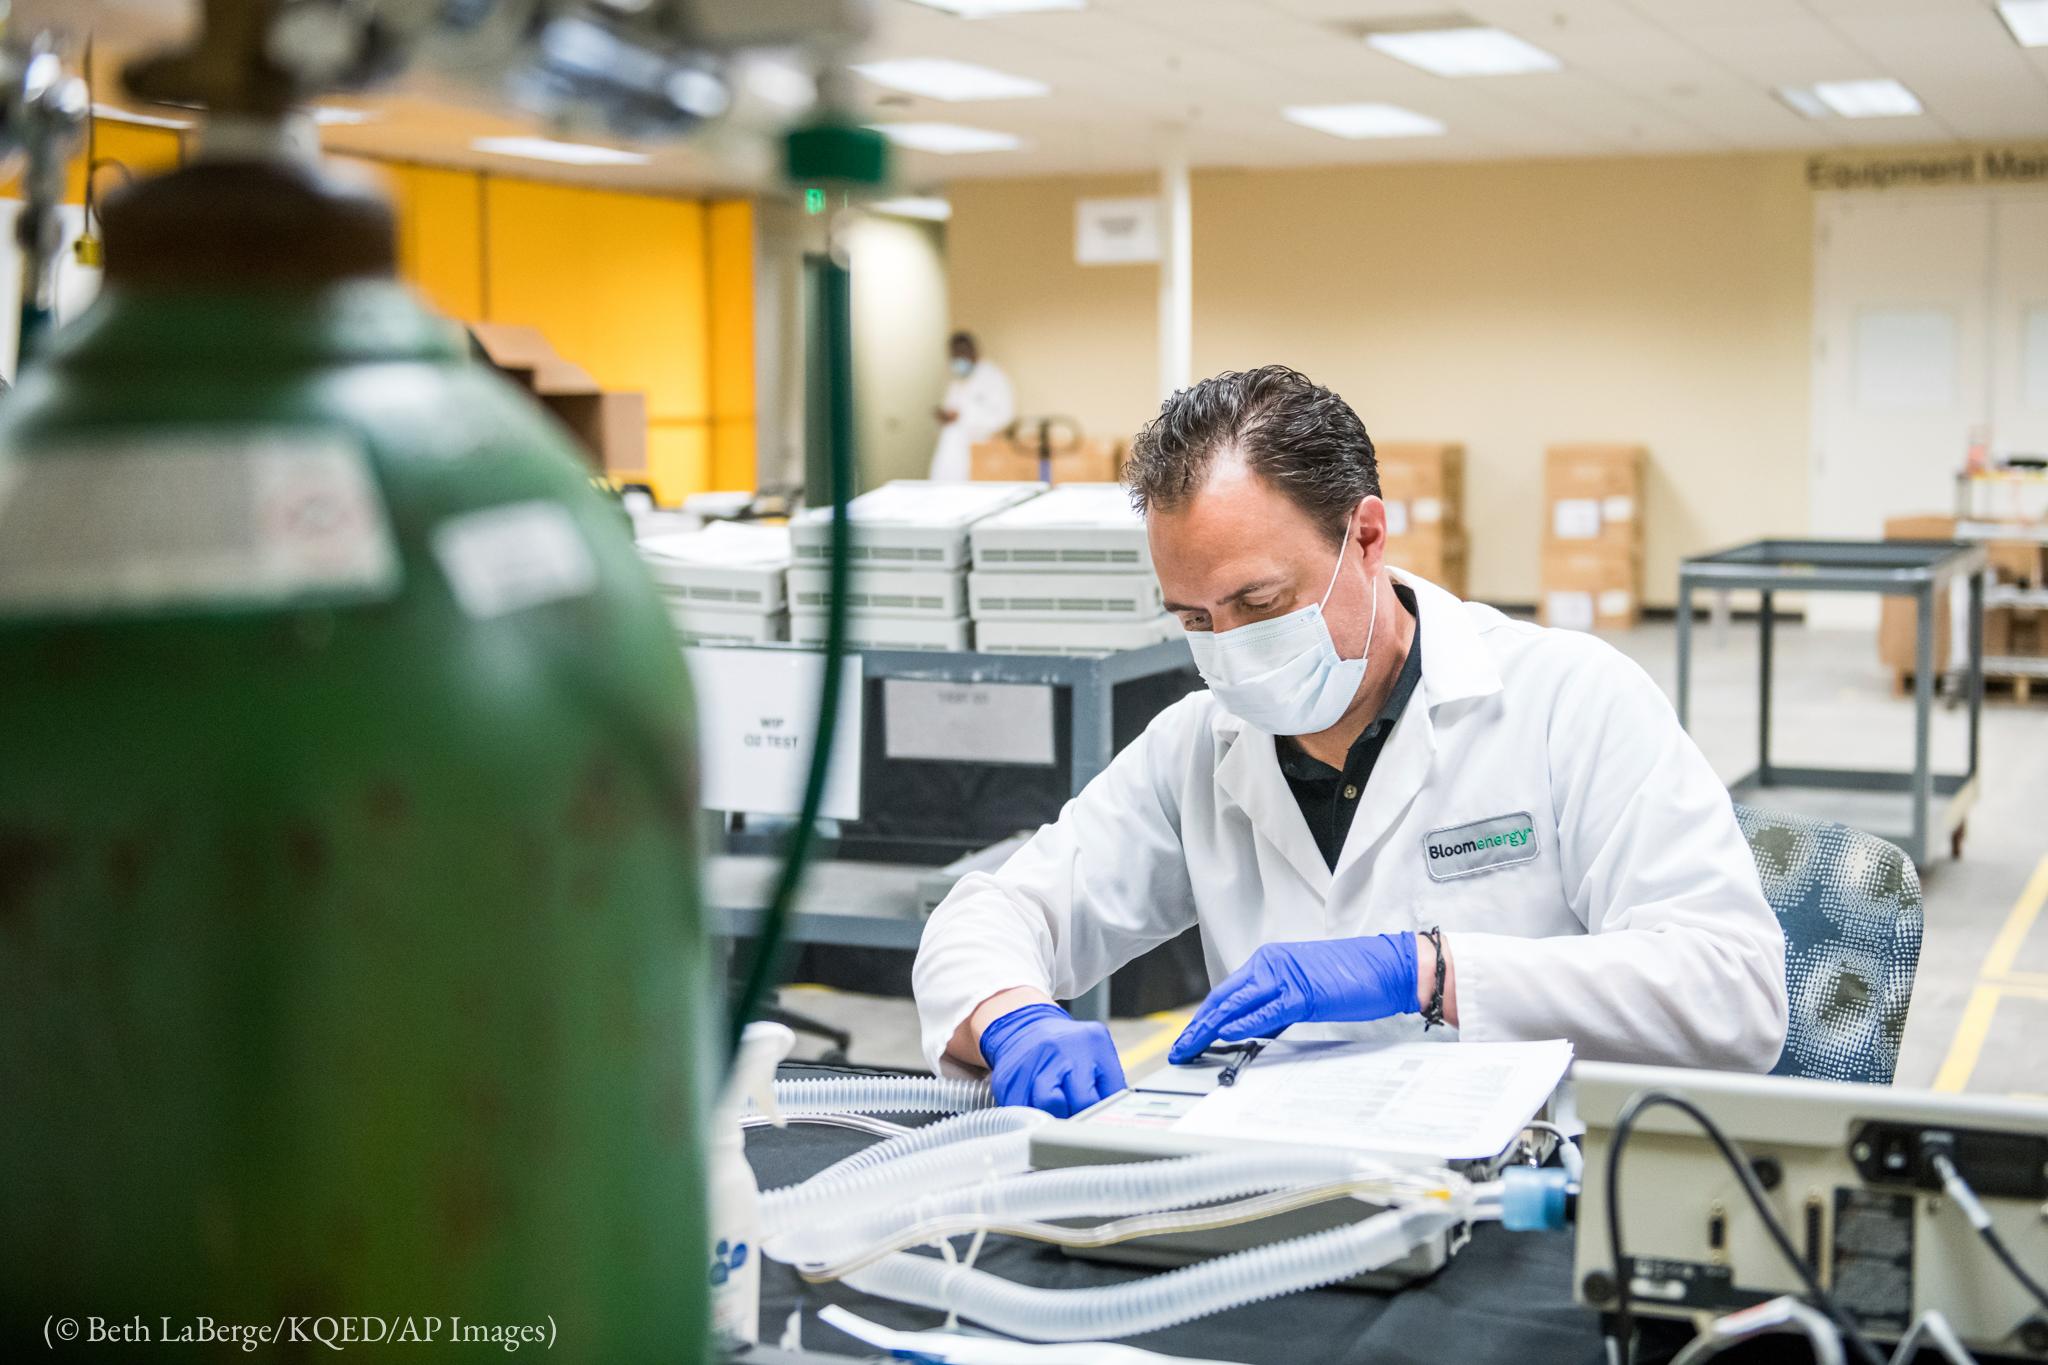 Hombre con bata de laboratorio, mascarilla facial y guantes que trabaja en un ventilador (© Beth LaBerge/KQED AP Images)